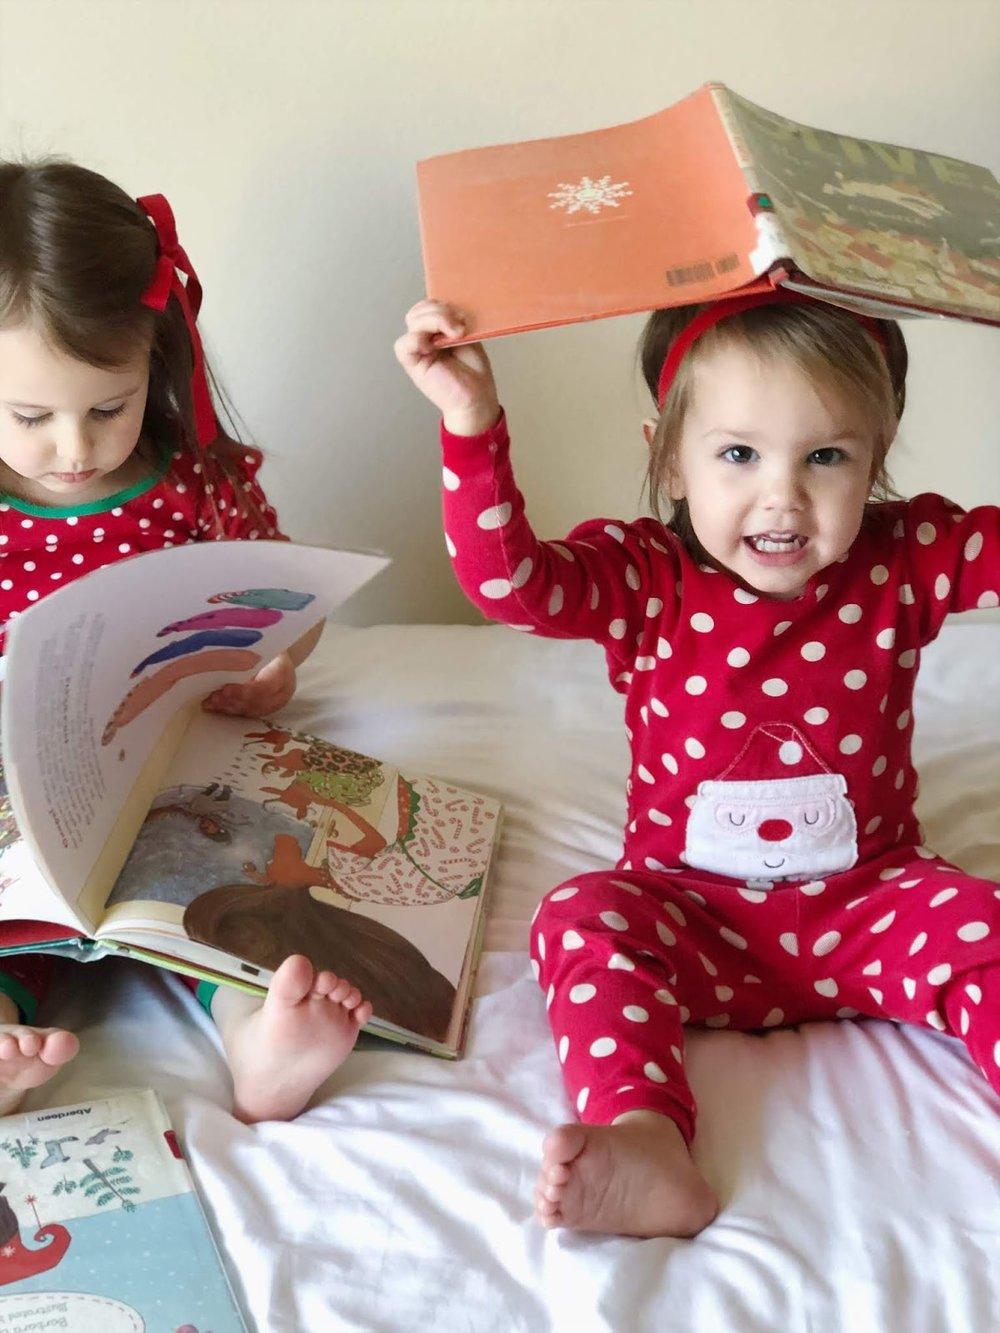 Family Reads Christmas Books 3.jpg